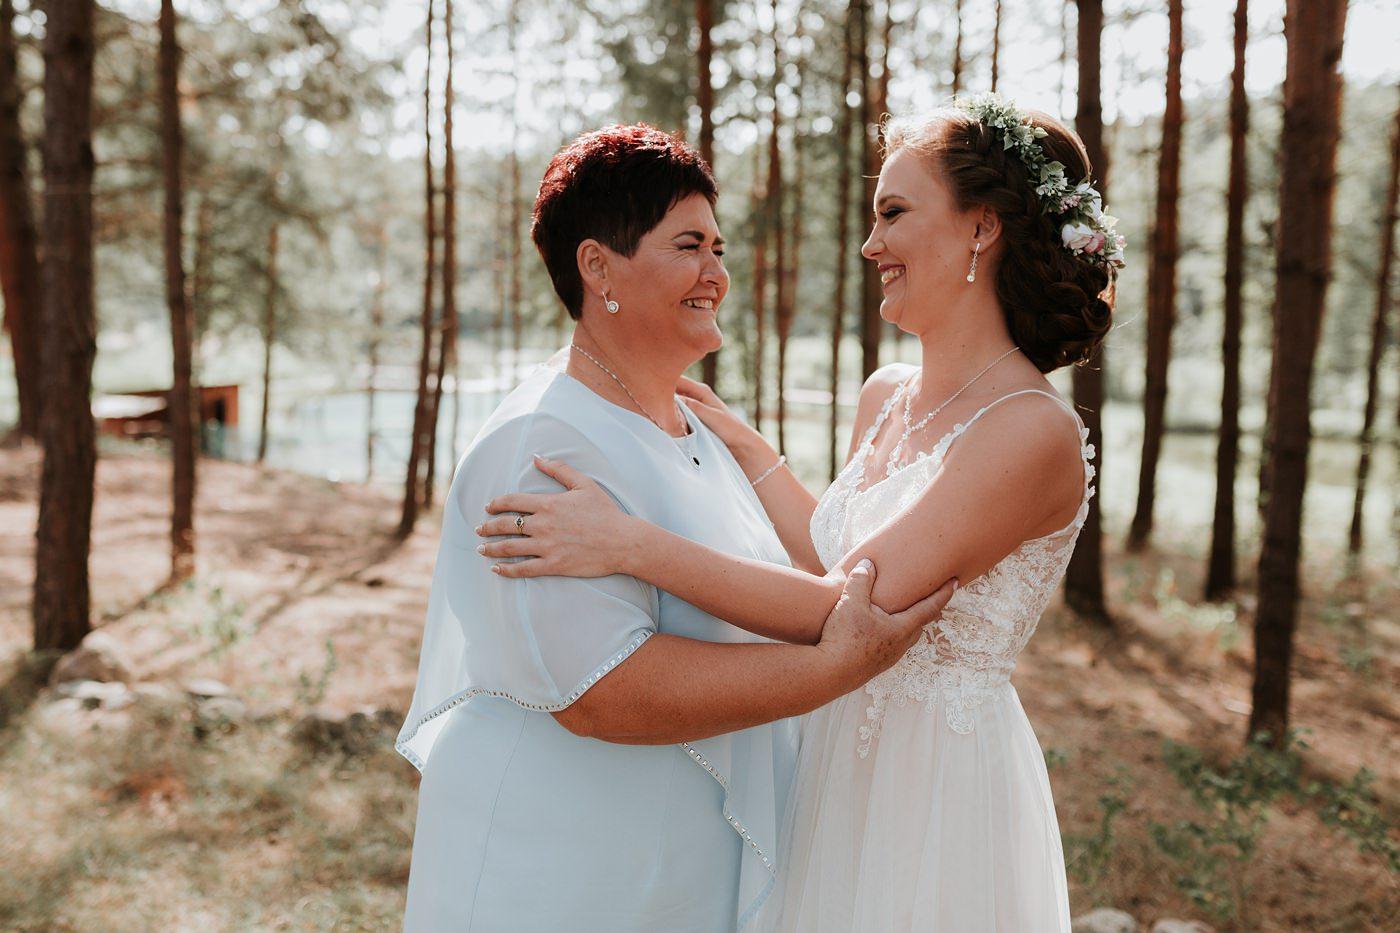 Anna & Wojtek - Ślub cywilny w plenerze - Barnówko w Sam Las 40